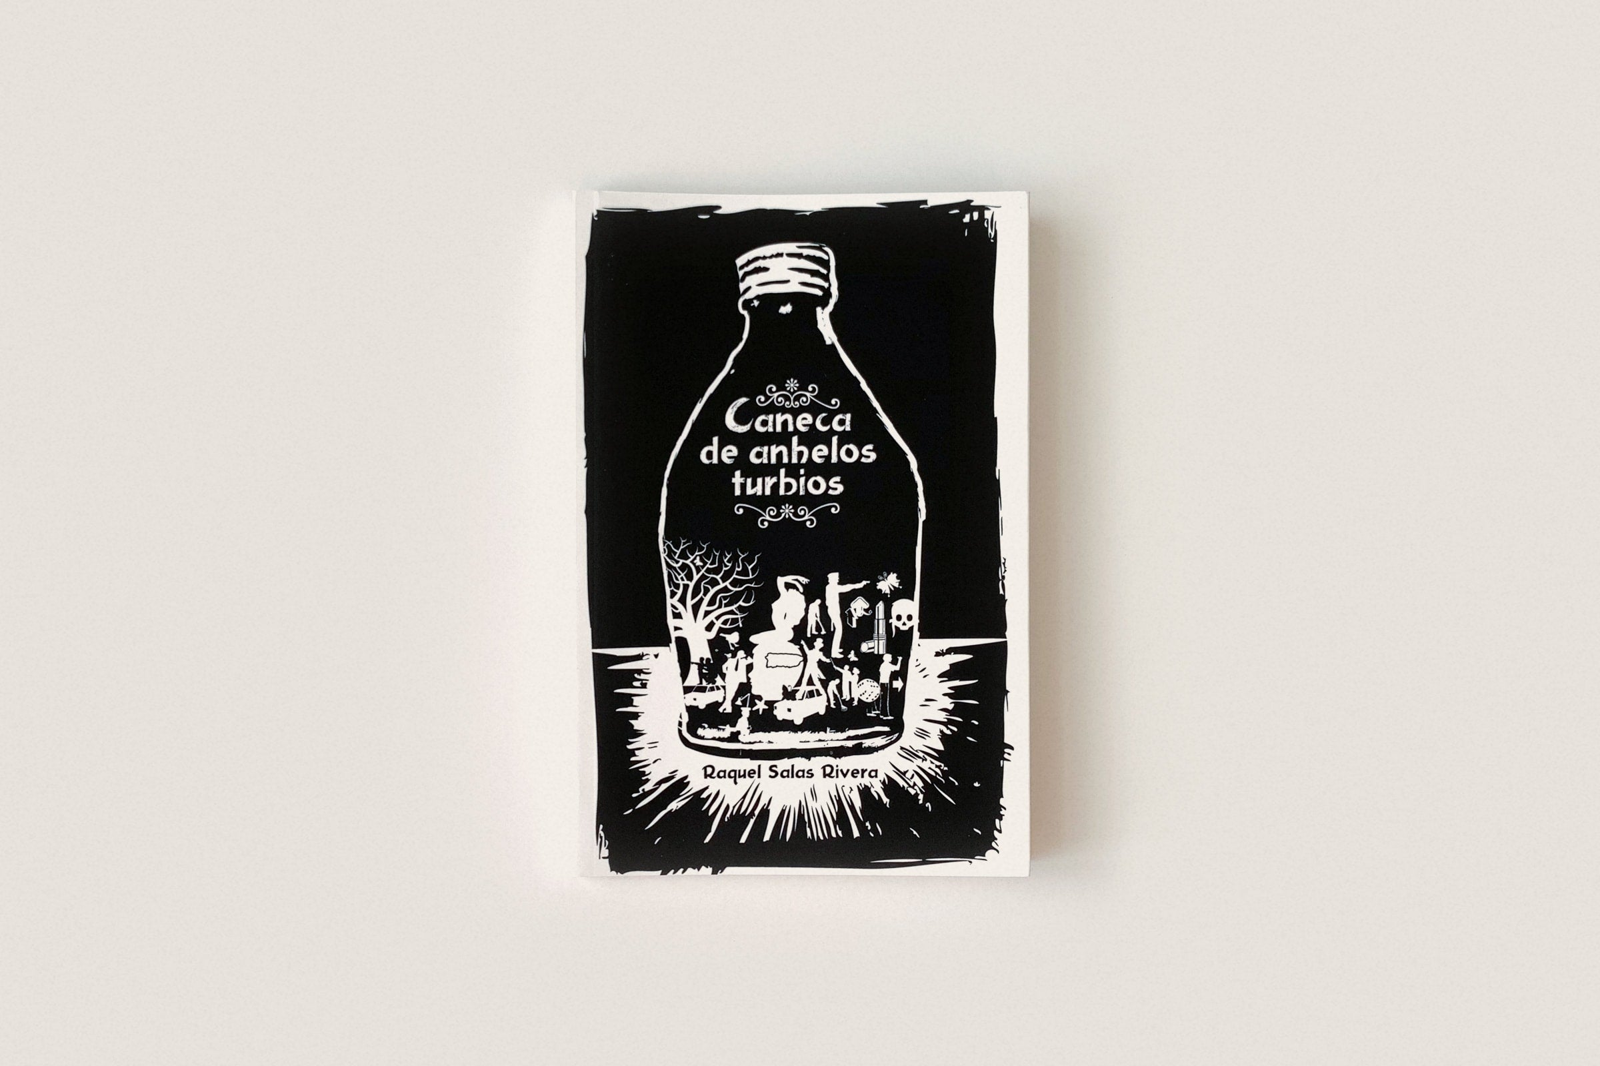 Libro: Caneca de anhelos turbios — Raquel Salas Rivera